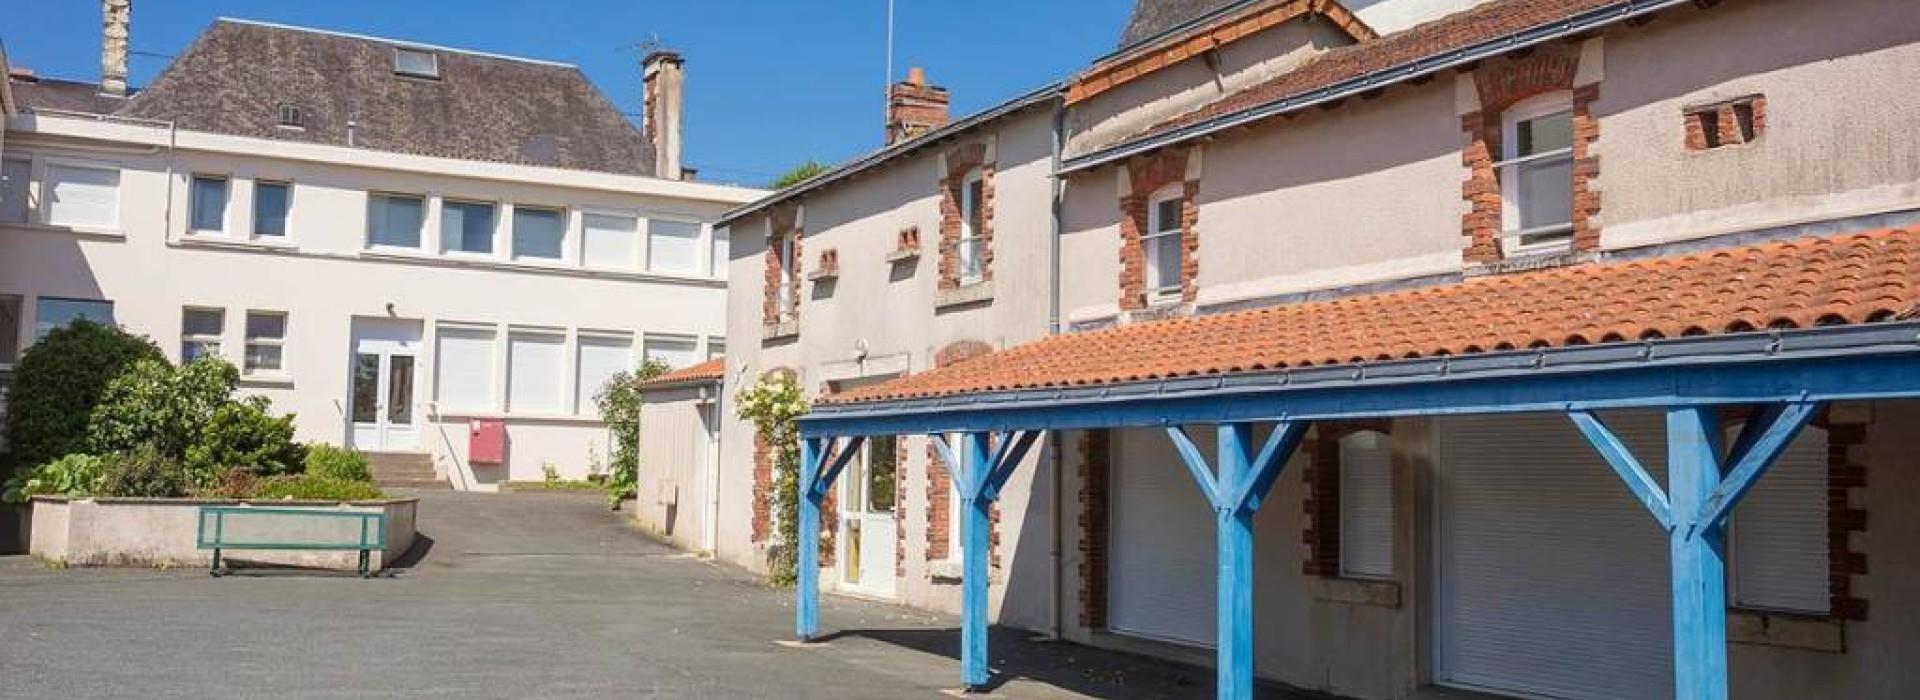 Maison Familiale Rurale De Chantonnay Hebergements Collectifs France Pays De La Loire